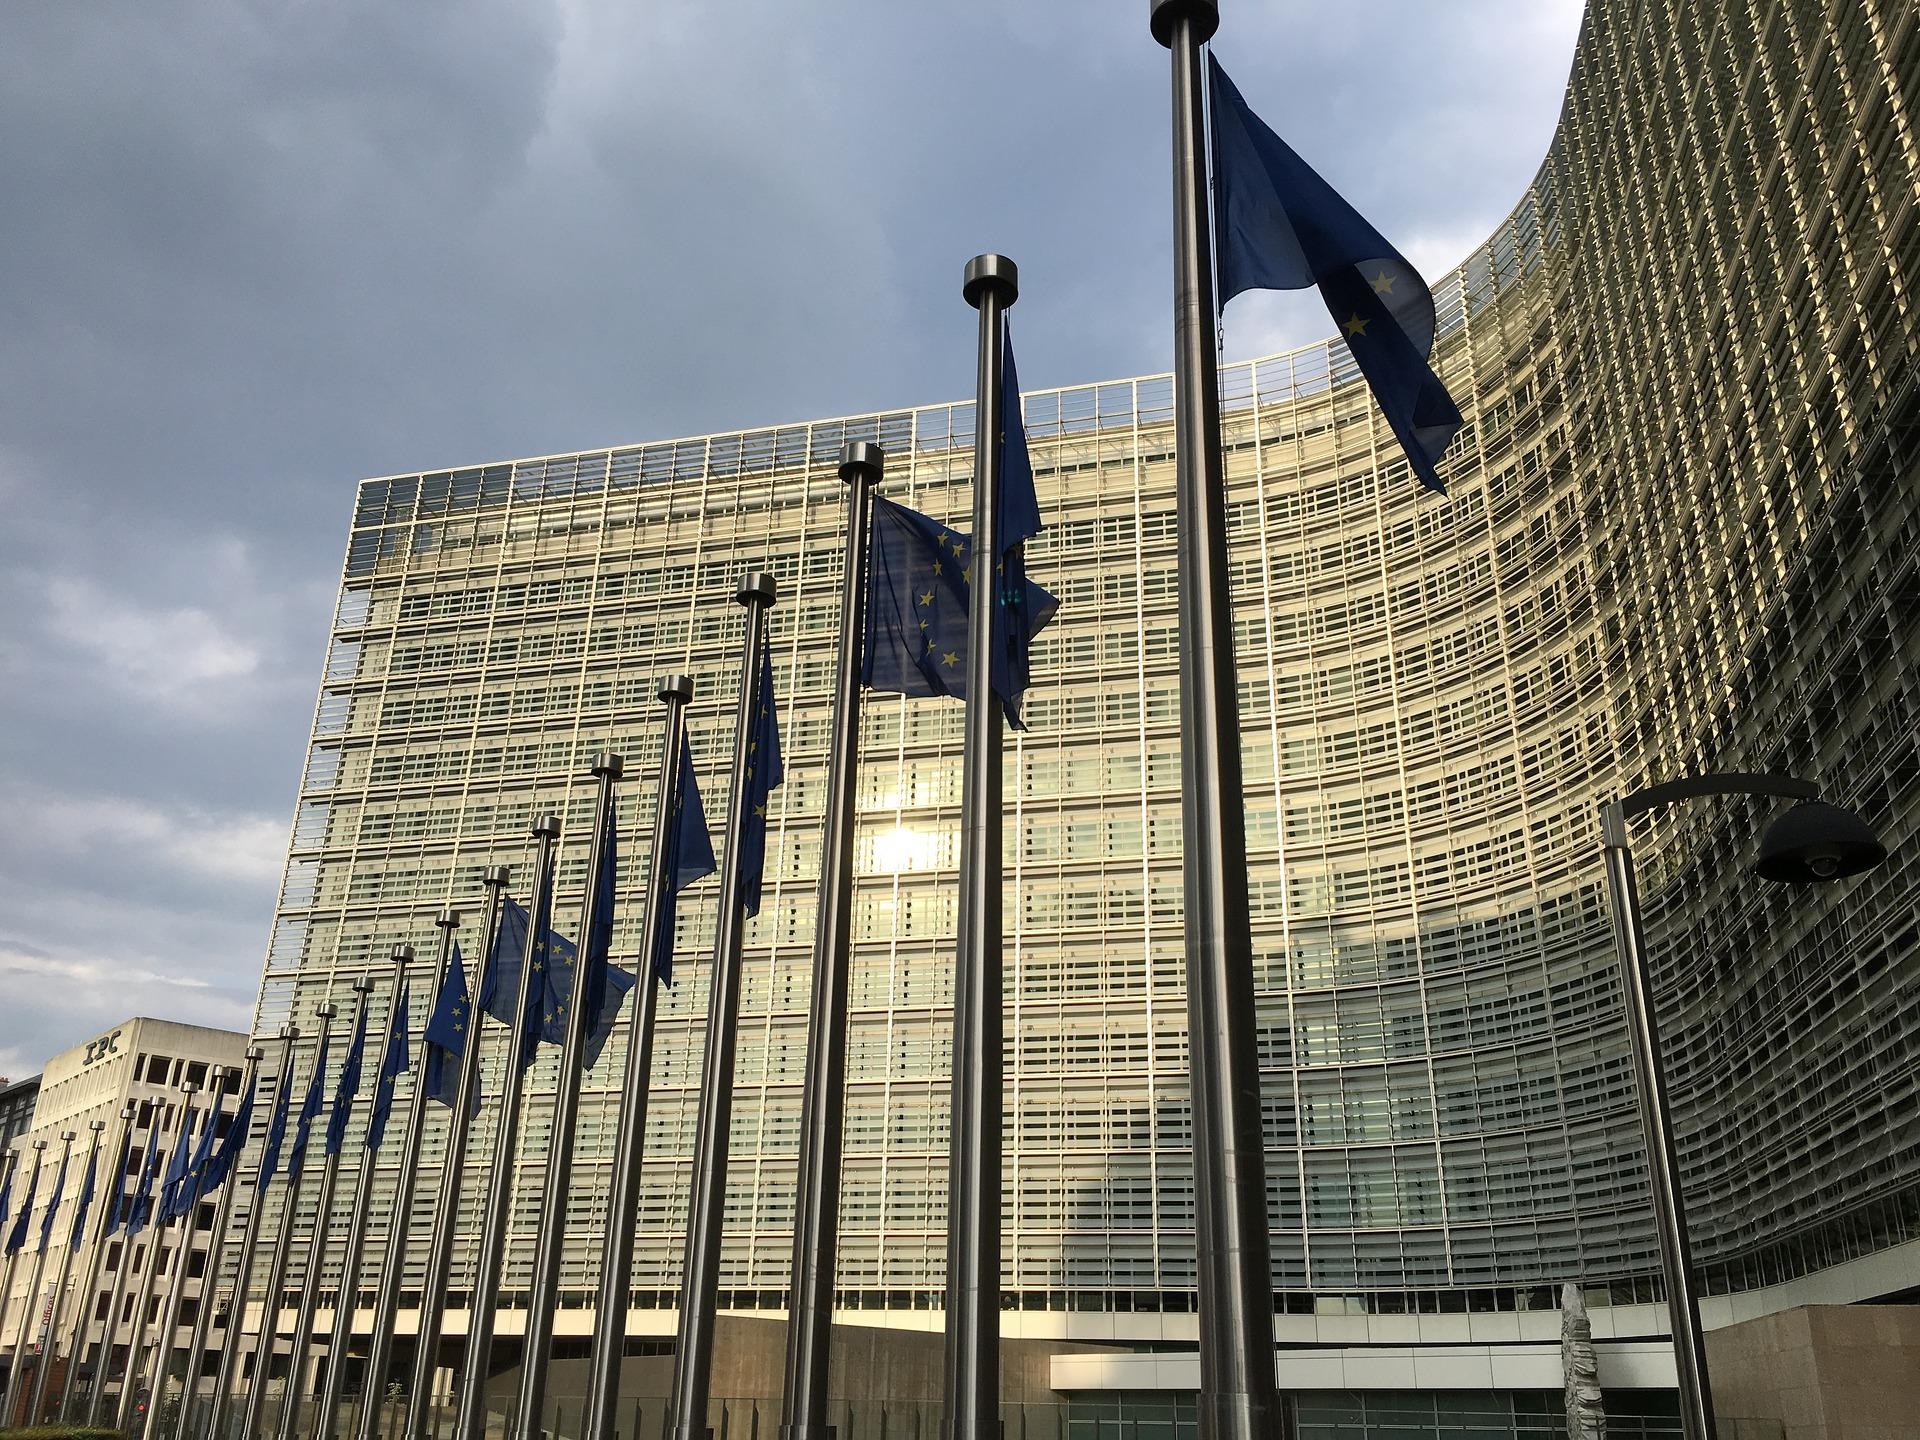 Beim EU-Rettungsgipfel sitzt Bayern leider nicht mit am Tisch (Kommentar)